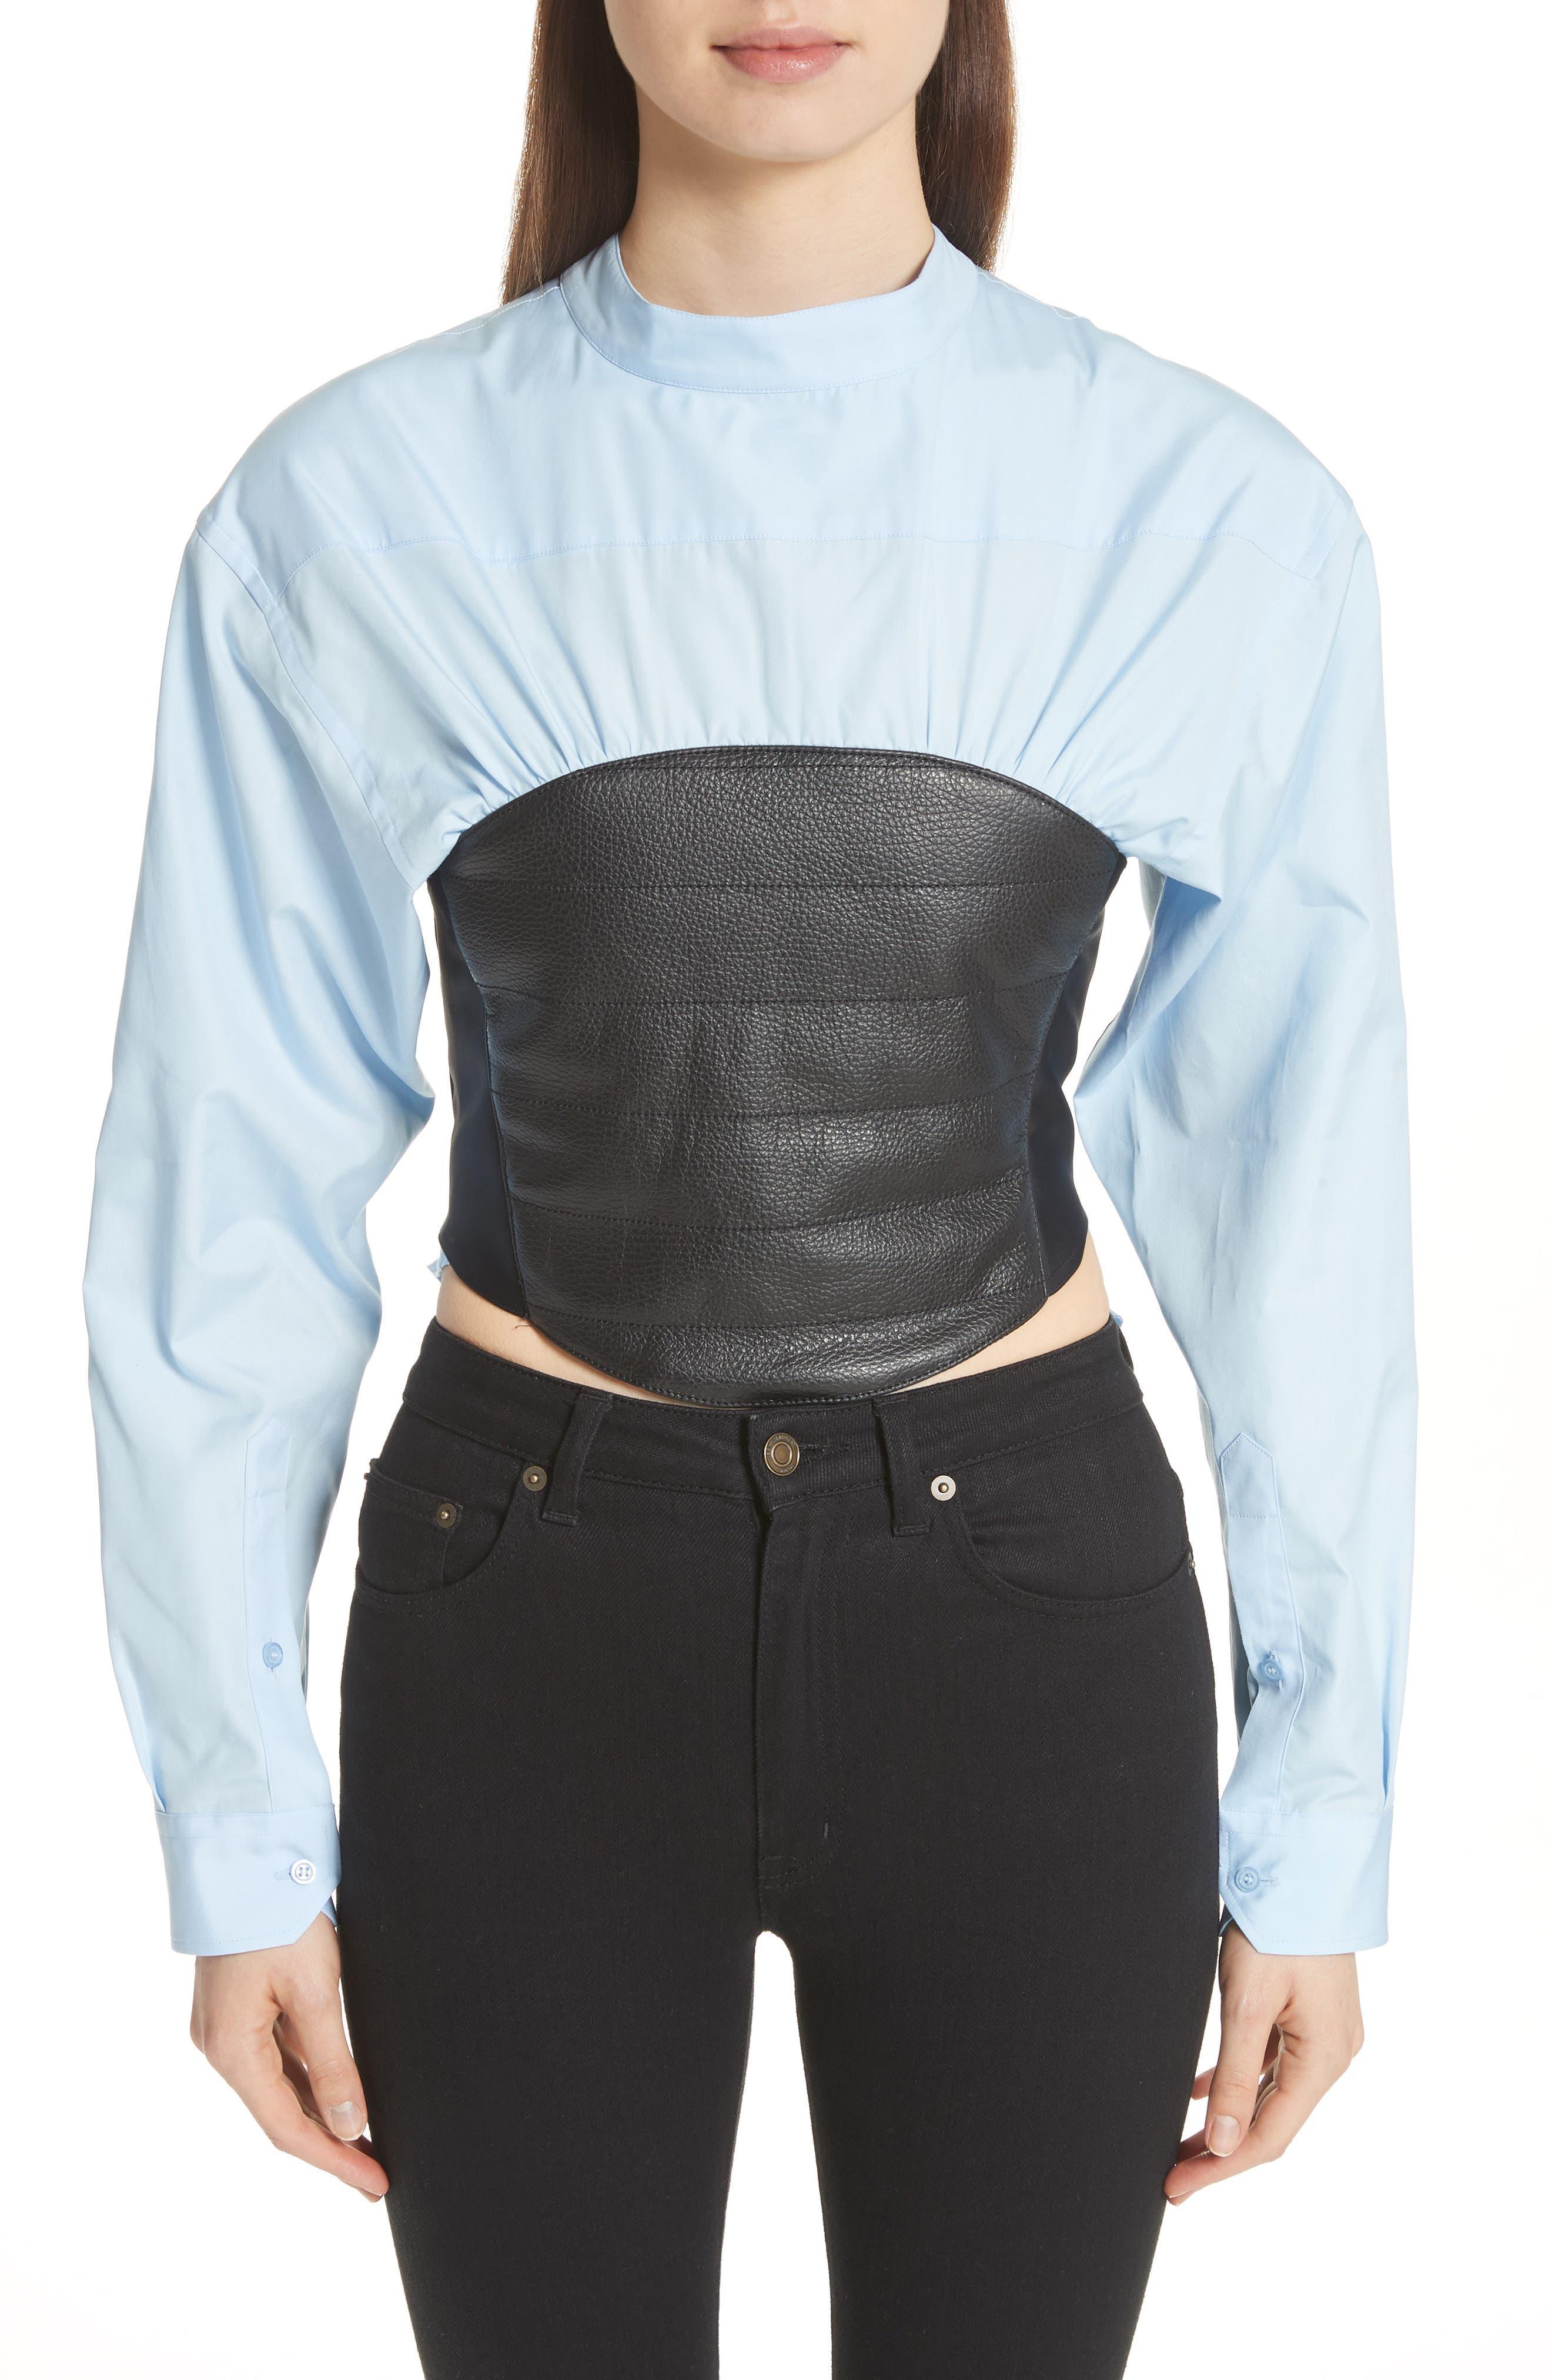 Bustier Shirt,                             Main thumbnail 1, color,                             Blue/ Black Bustier